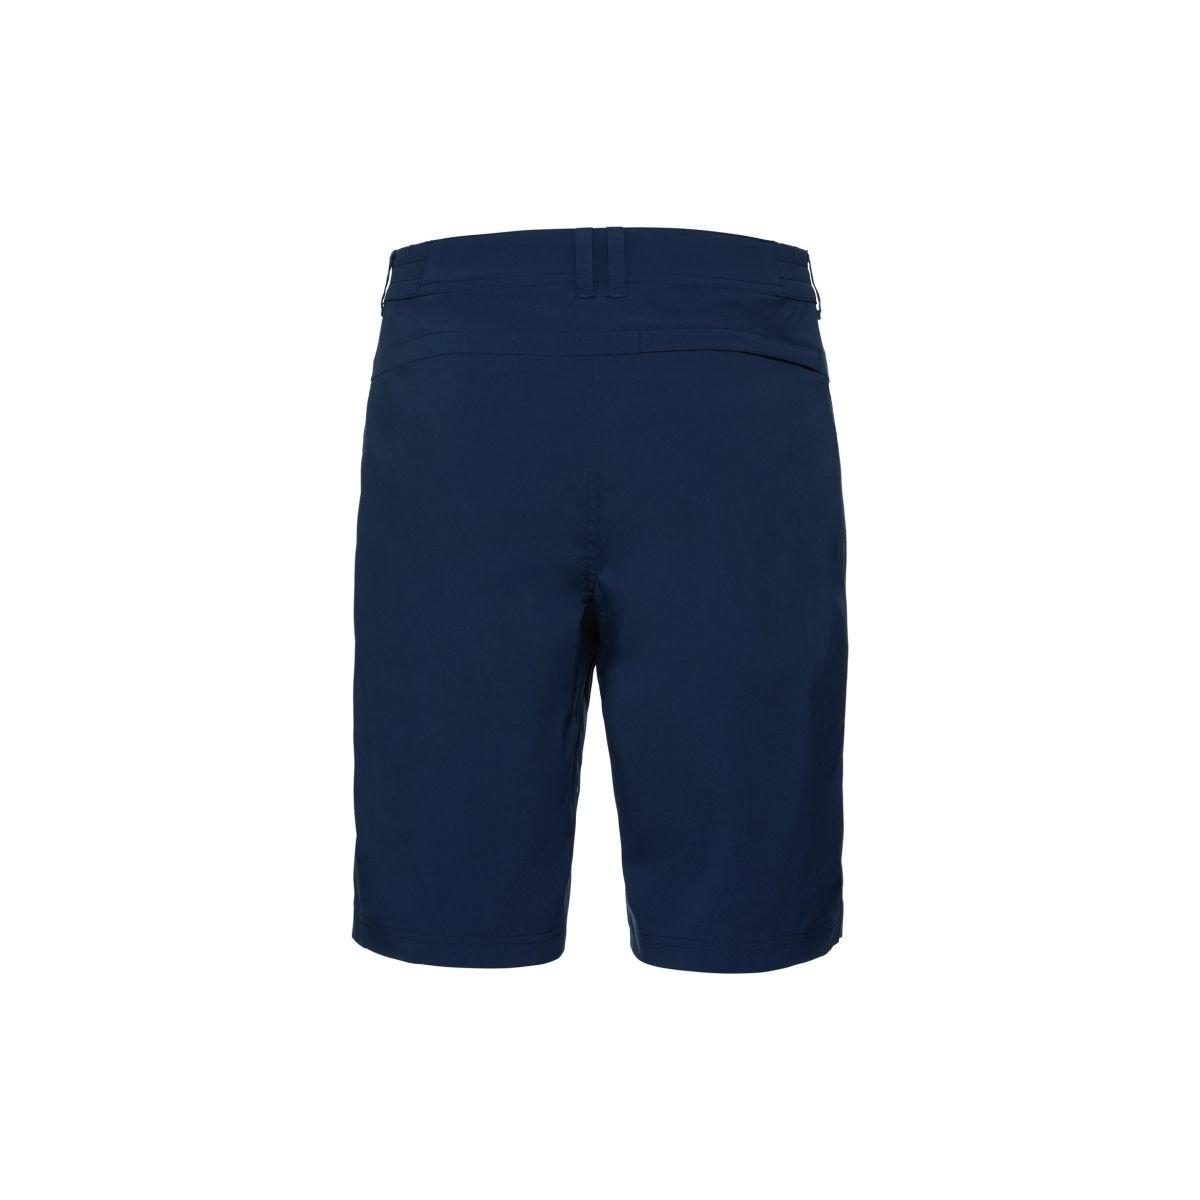 Odlo Herren Trekking Short 527562 blau